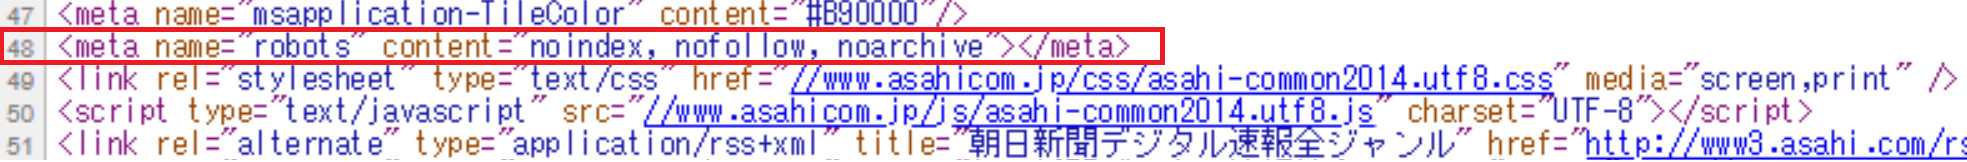 https://livedoor.blogimg.jp/gensen_2ch/imgs/a/9/a9240120.png